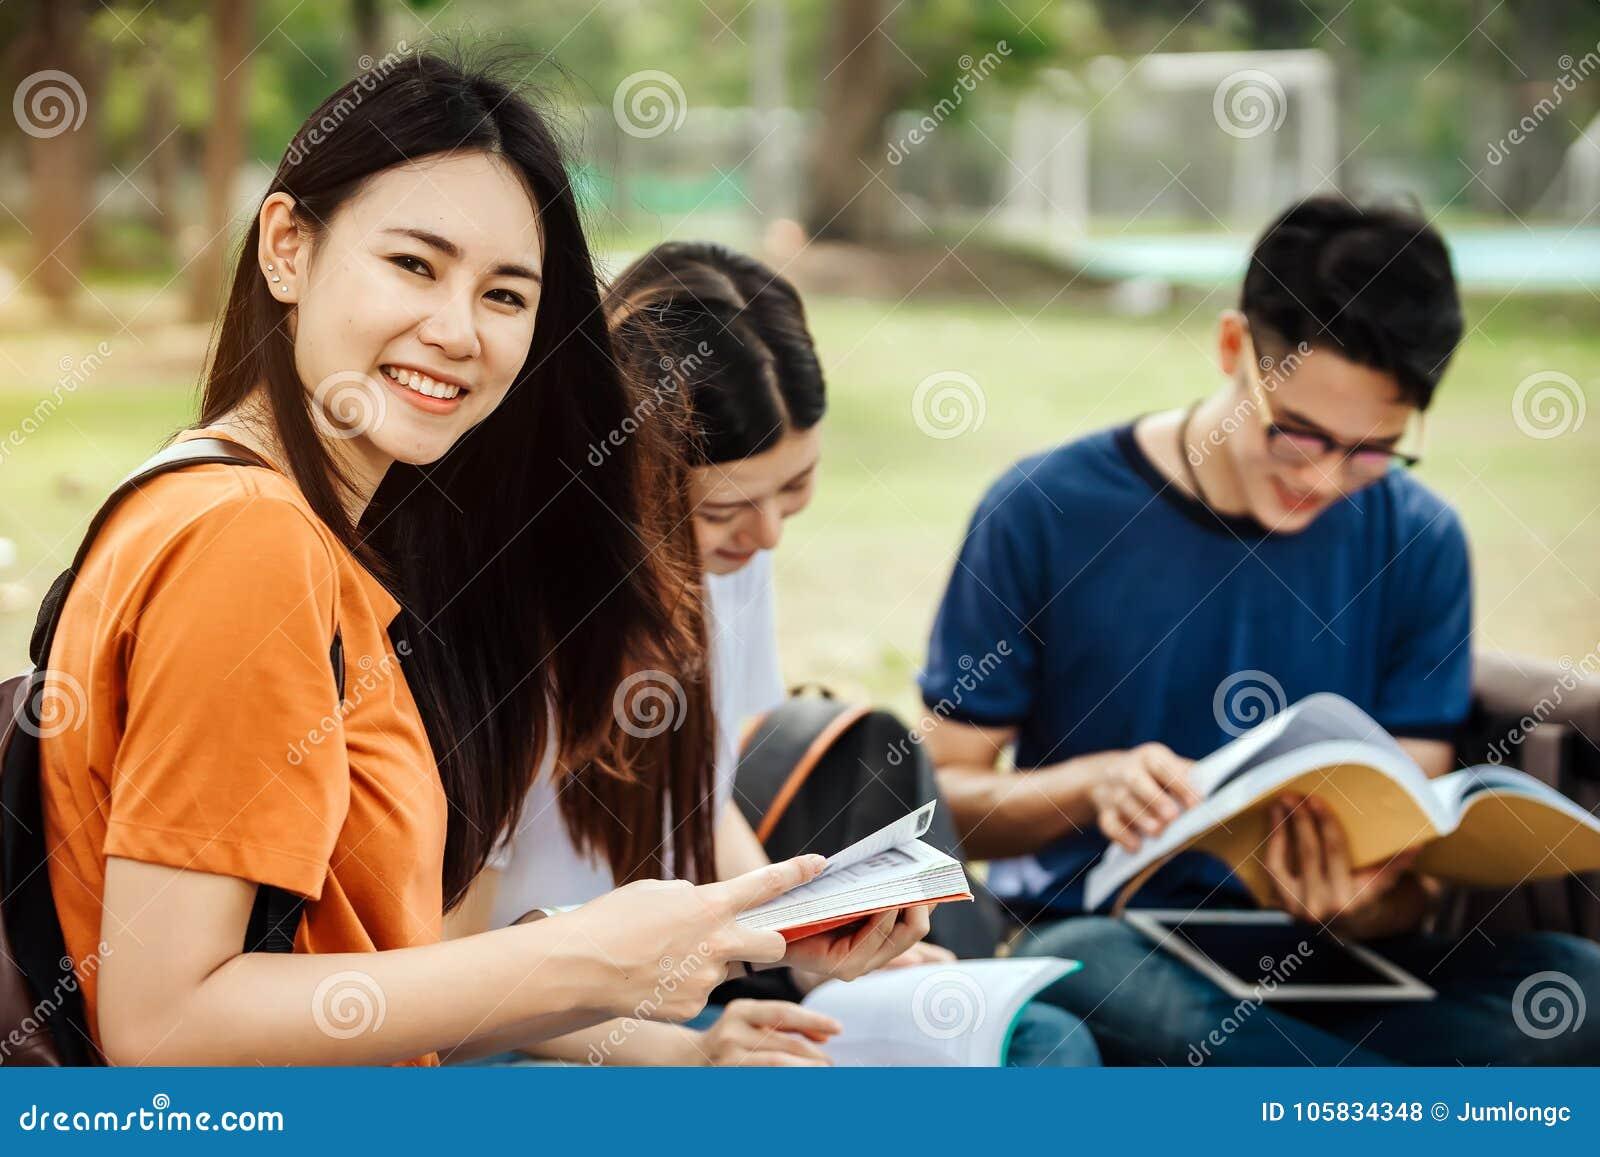 Un grupo de estudiante asiático joven o adolescente en universidad